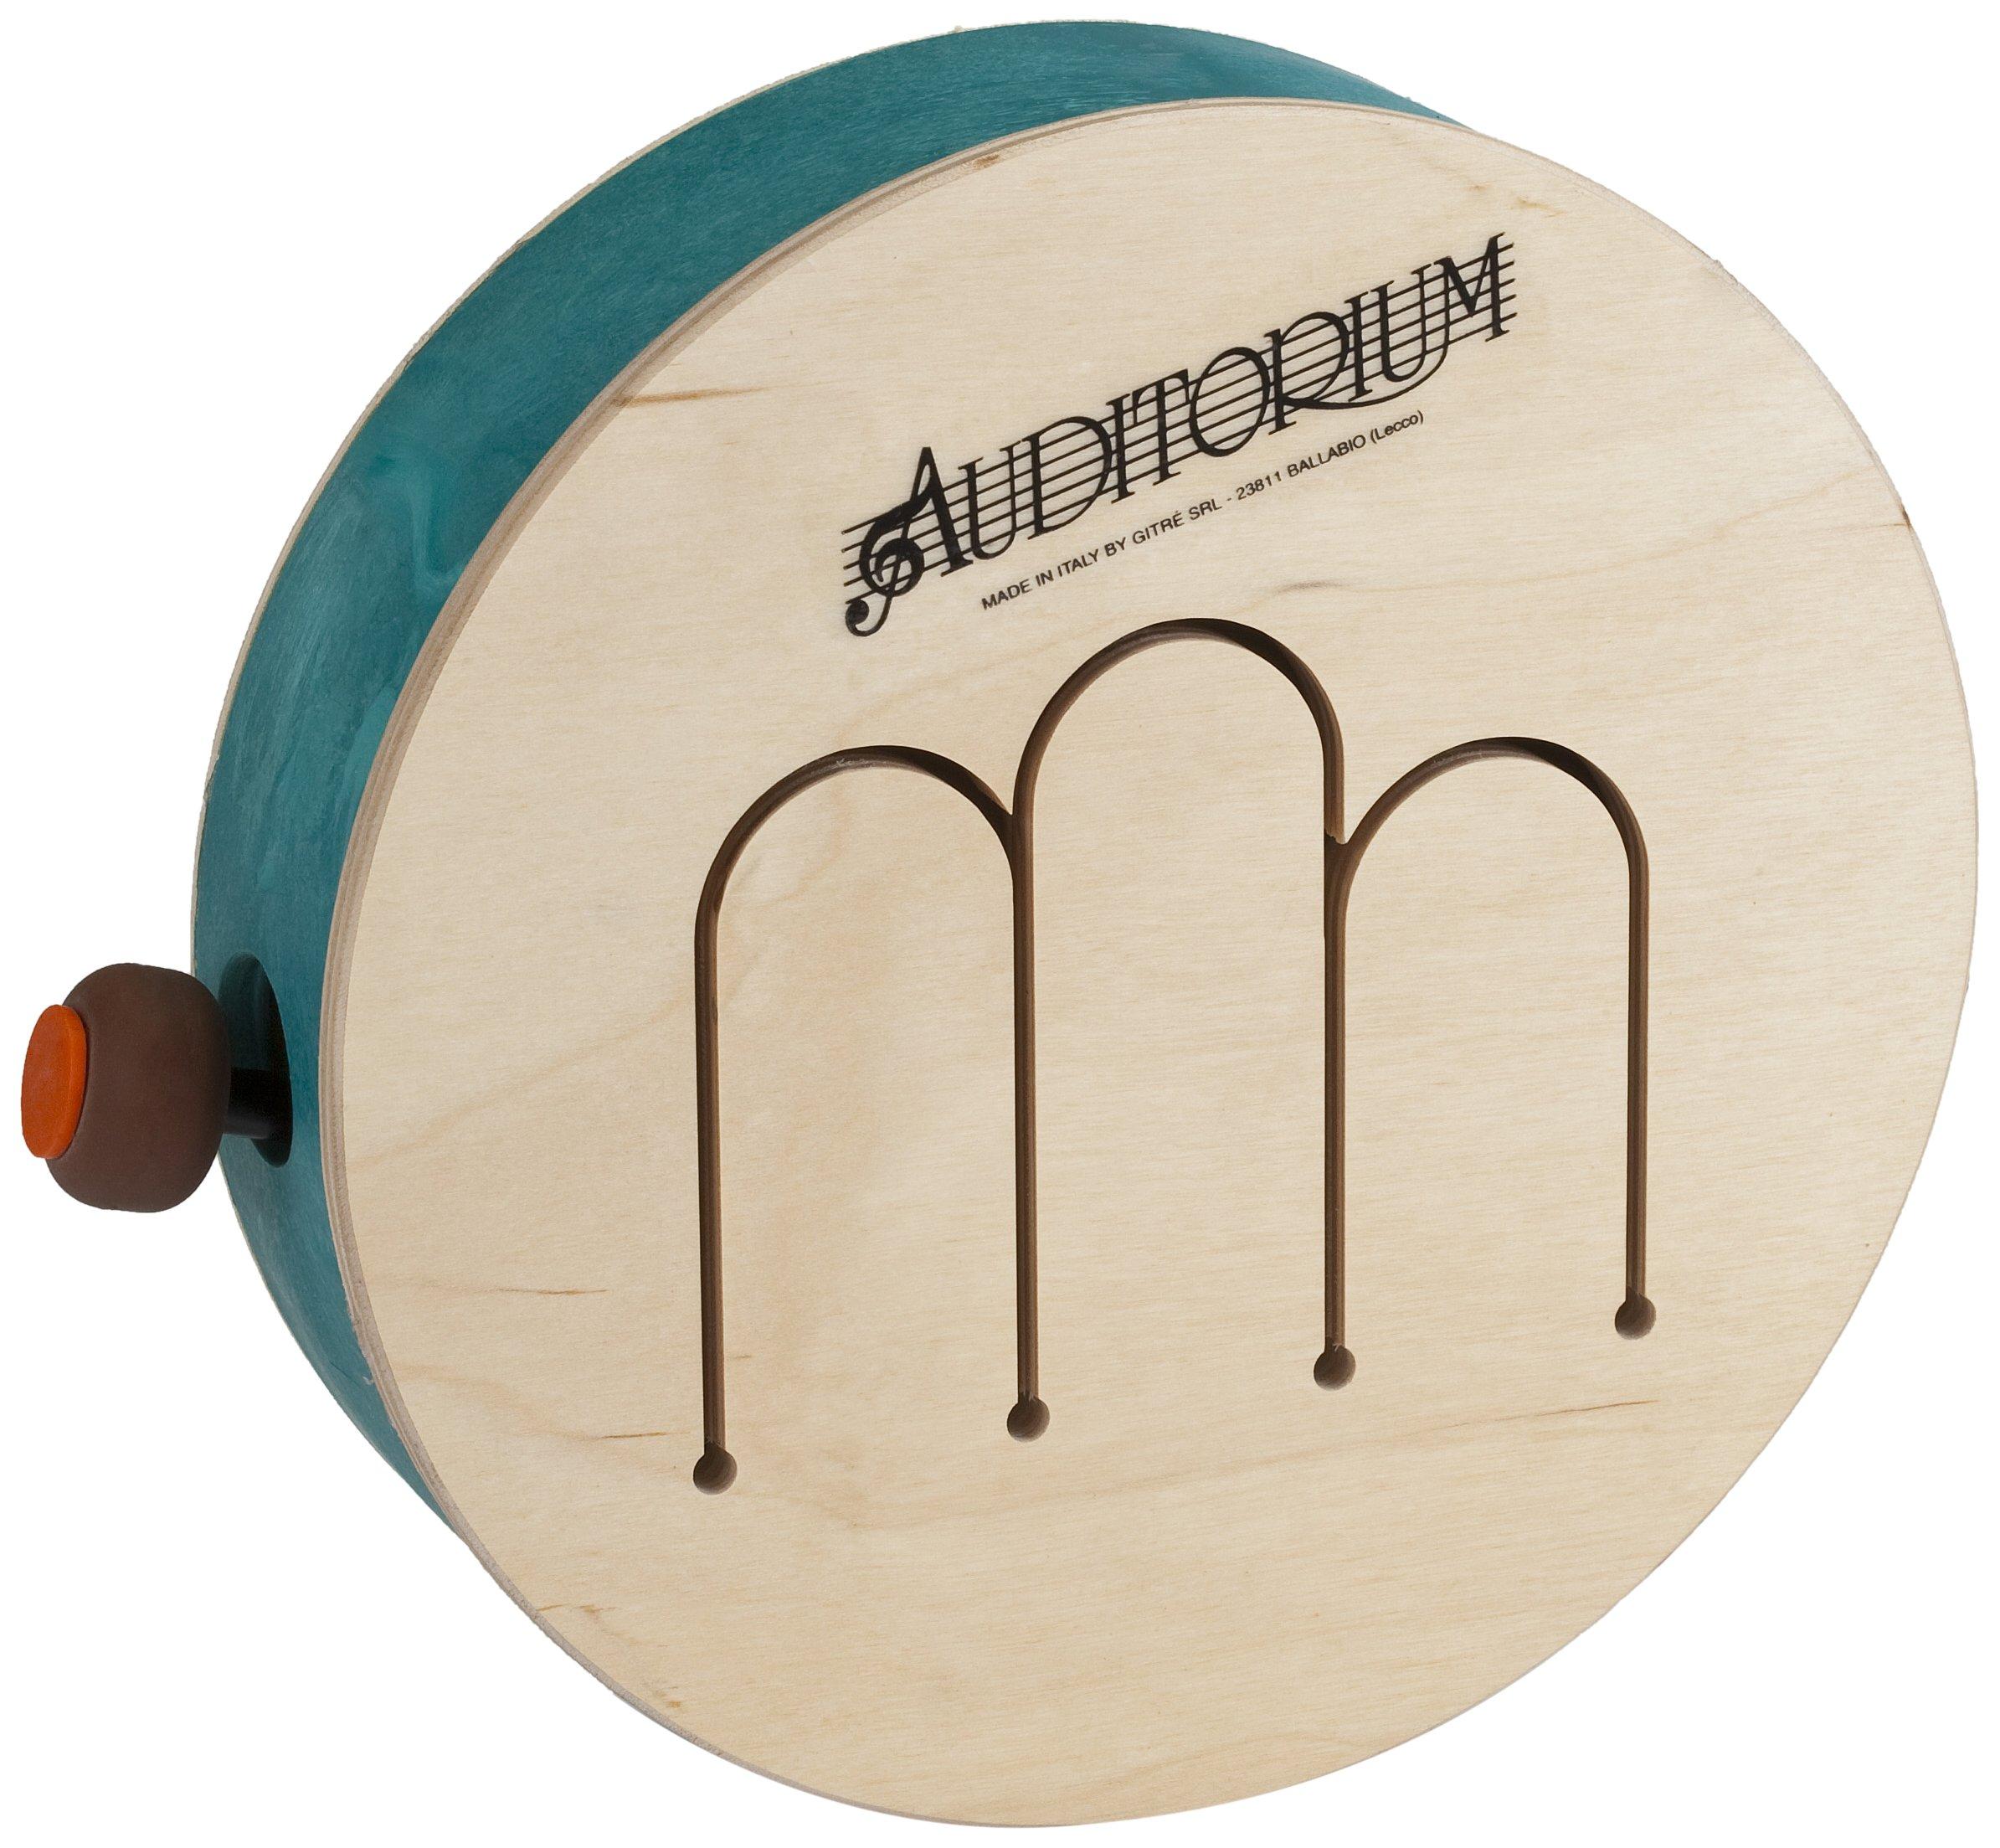 GITRE' SRL Auditorium 747/R 23.4 x 23.2 x 6 cm Tambourine Wood